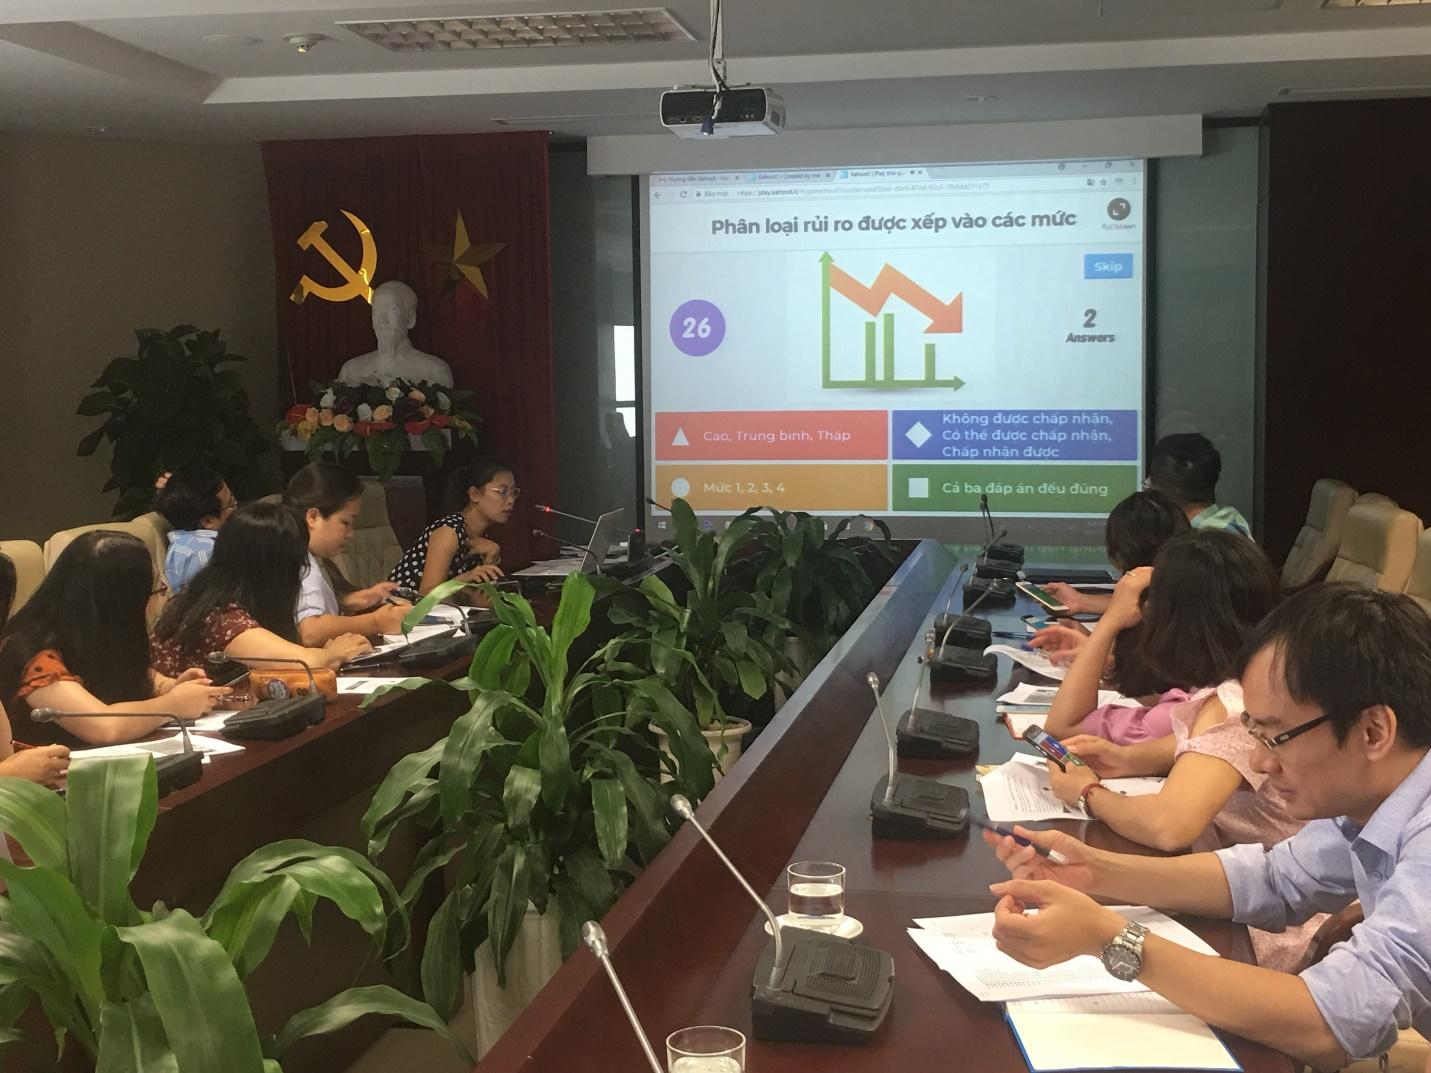 Trung tâm Quản lý luồng không lưu tổ chức khóa huấn luyện về Hệ thống quản lý an toàn